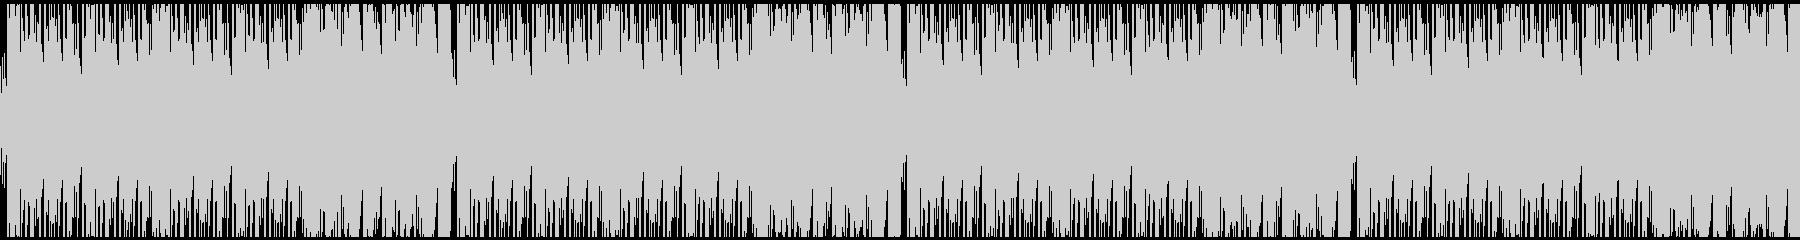 グロッケンとシンセが目立つキラキラした曲の未再生の波形